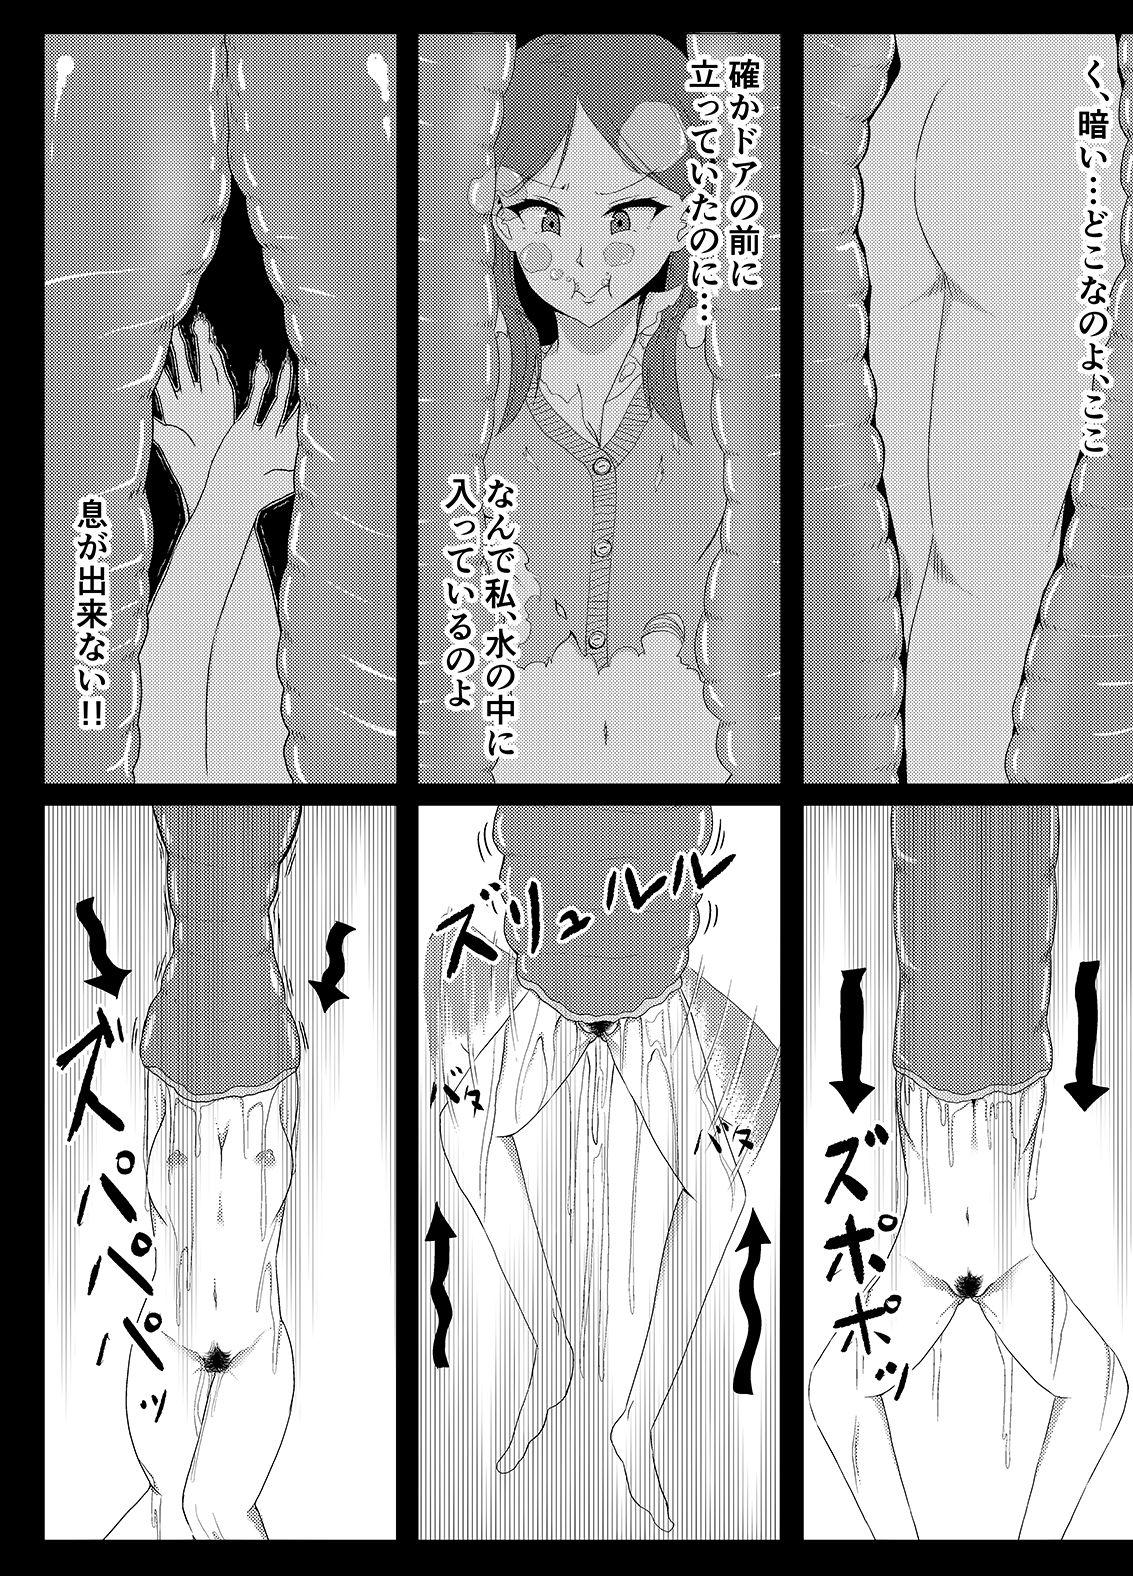 【愛羅武勇 同人】TransfurGirlsAuction:02